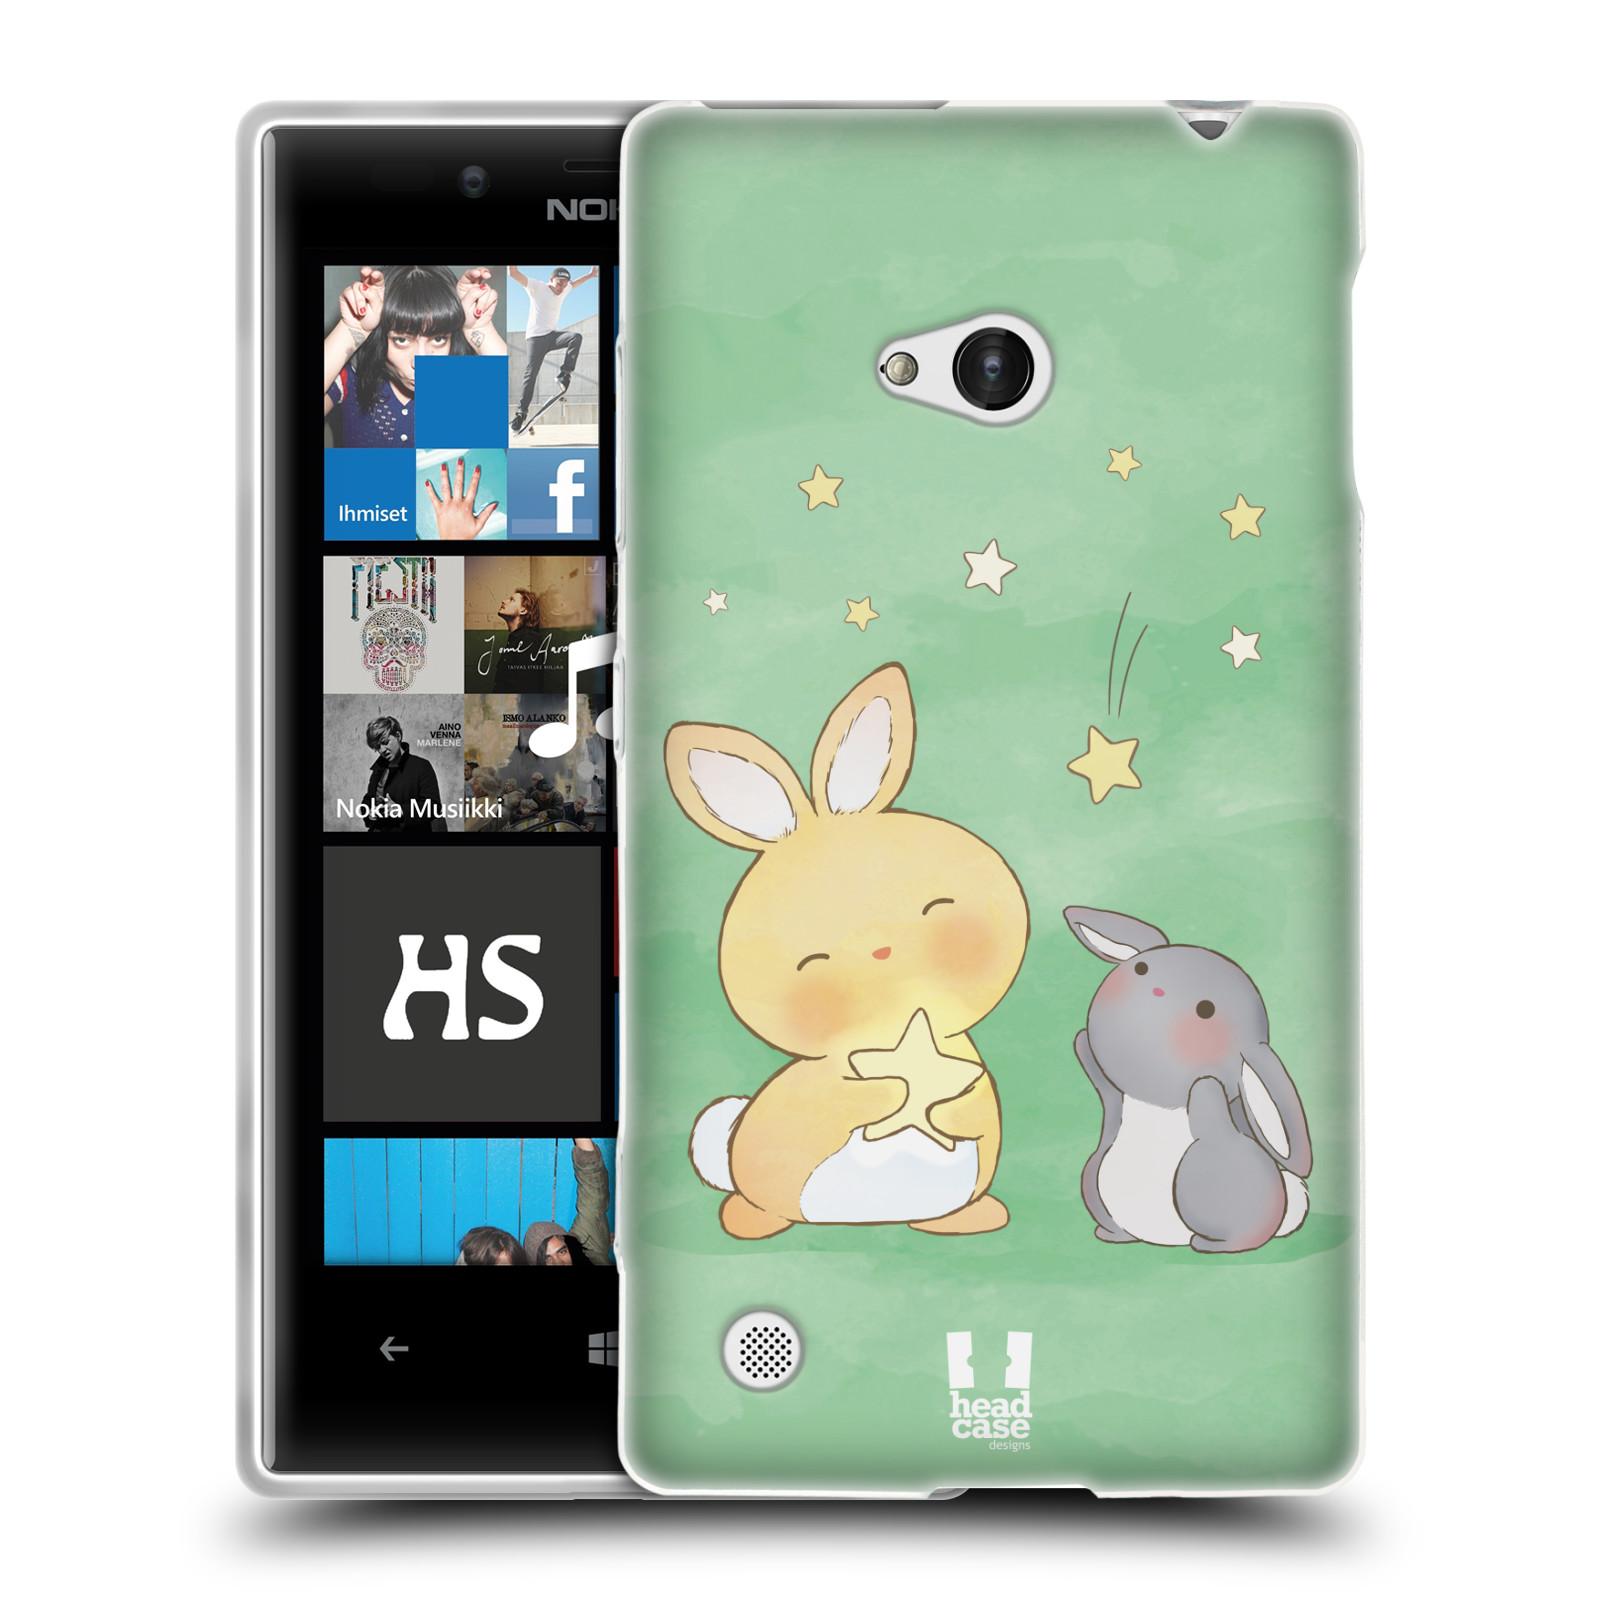 HEAD CASE silikonový obal na mobil NOKIA Lumia 720 vzor králíček a hvězdy zelená